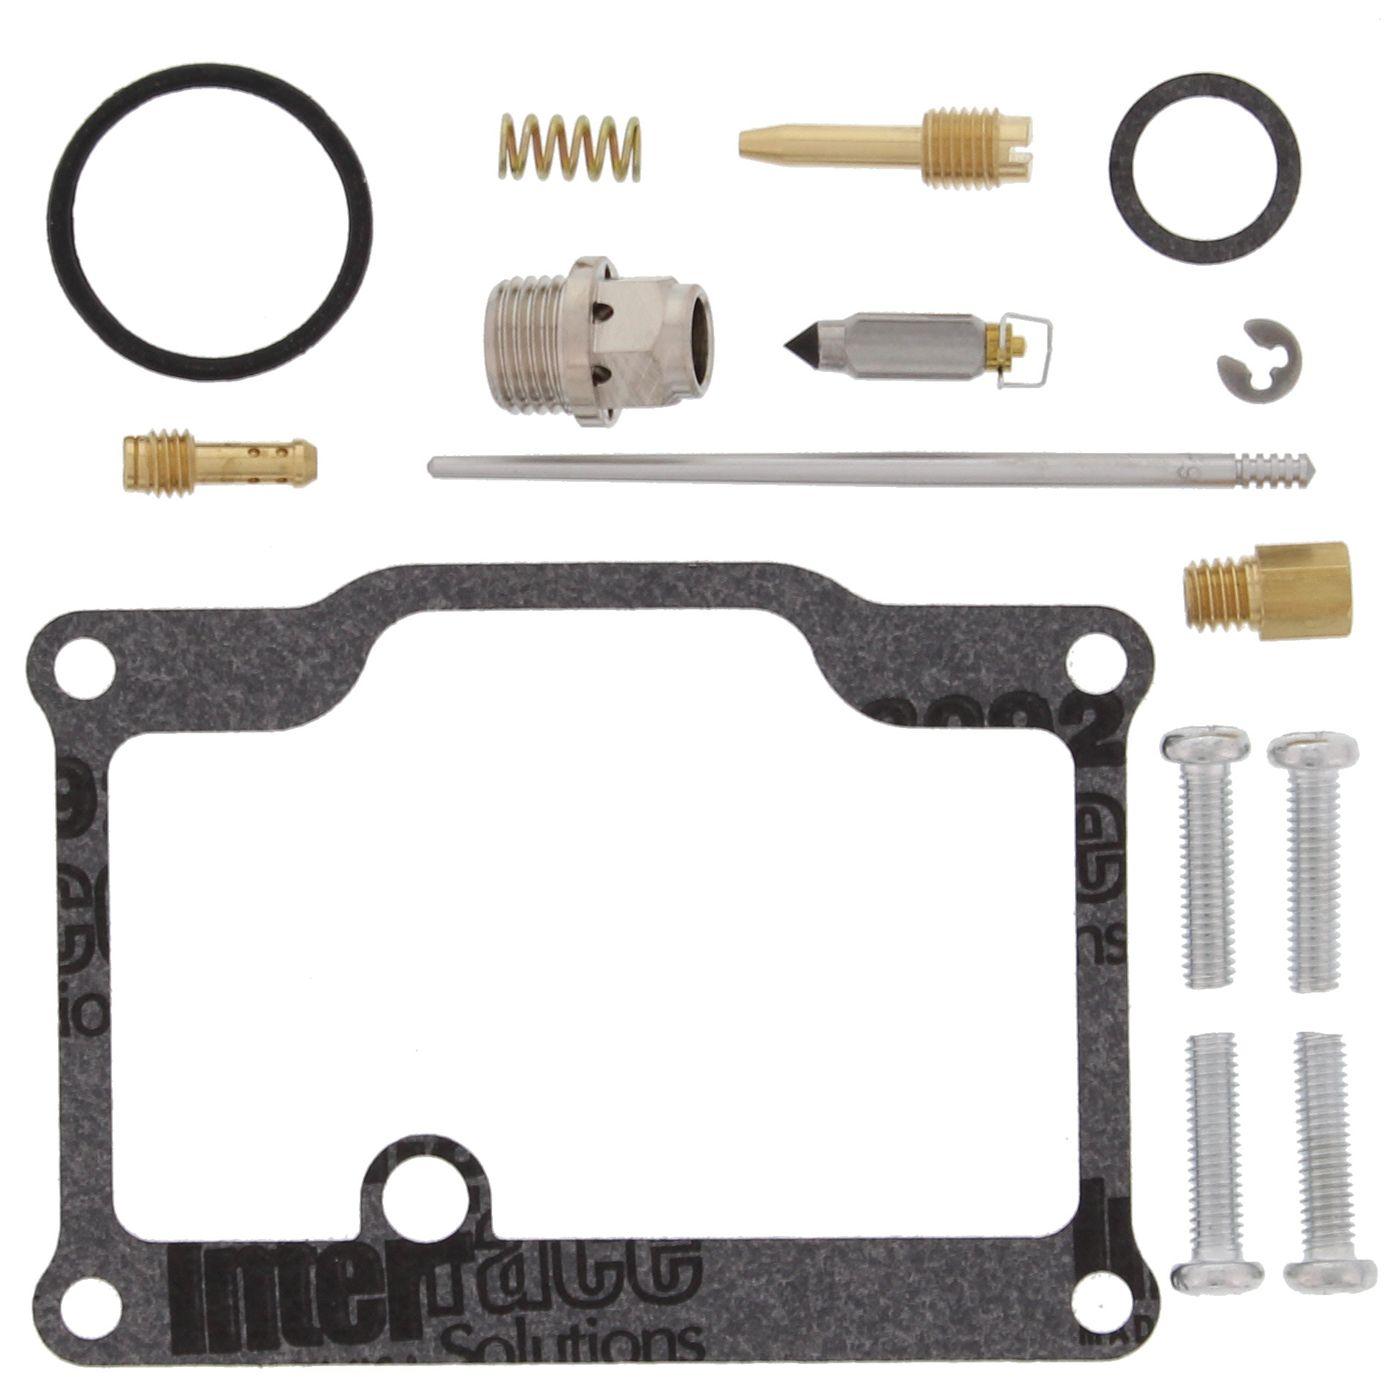 Wrp Carb Repair Kits - WRP261038 image